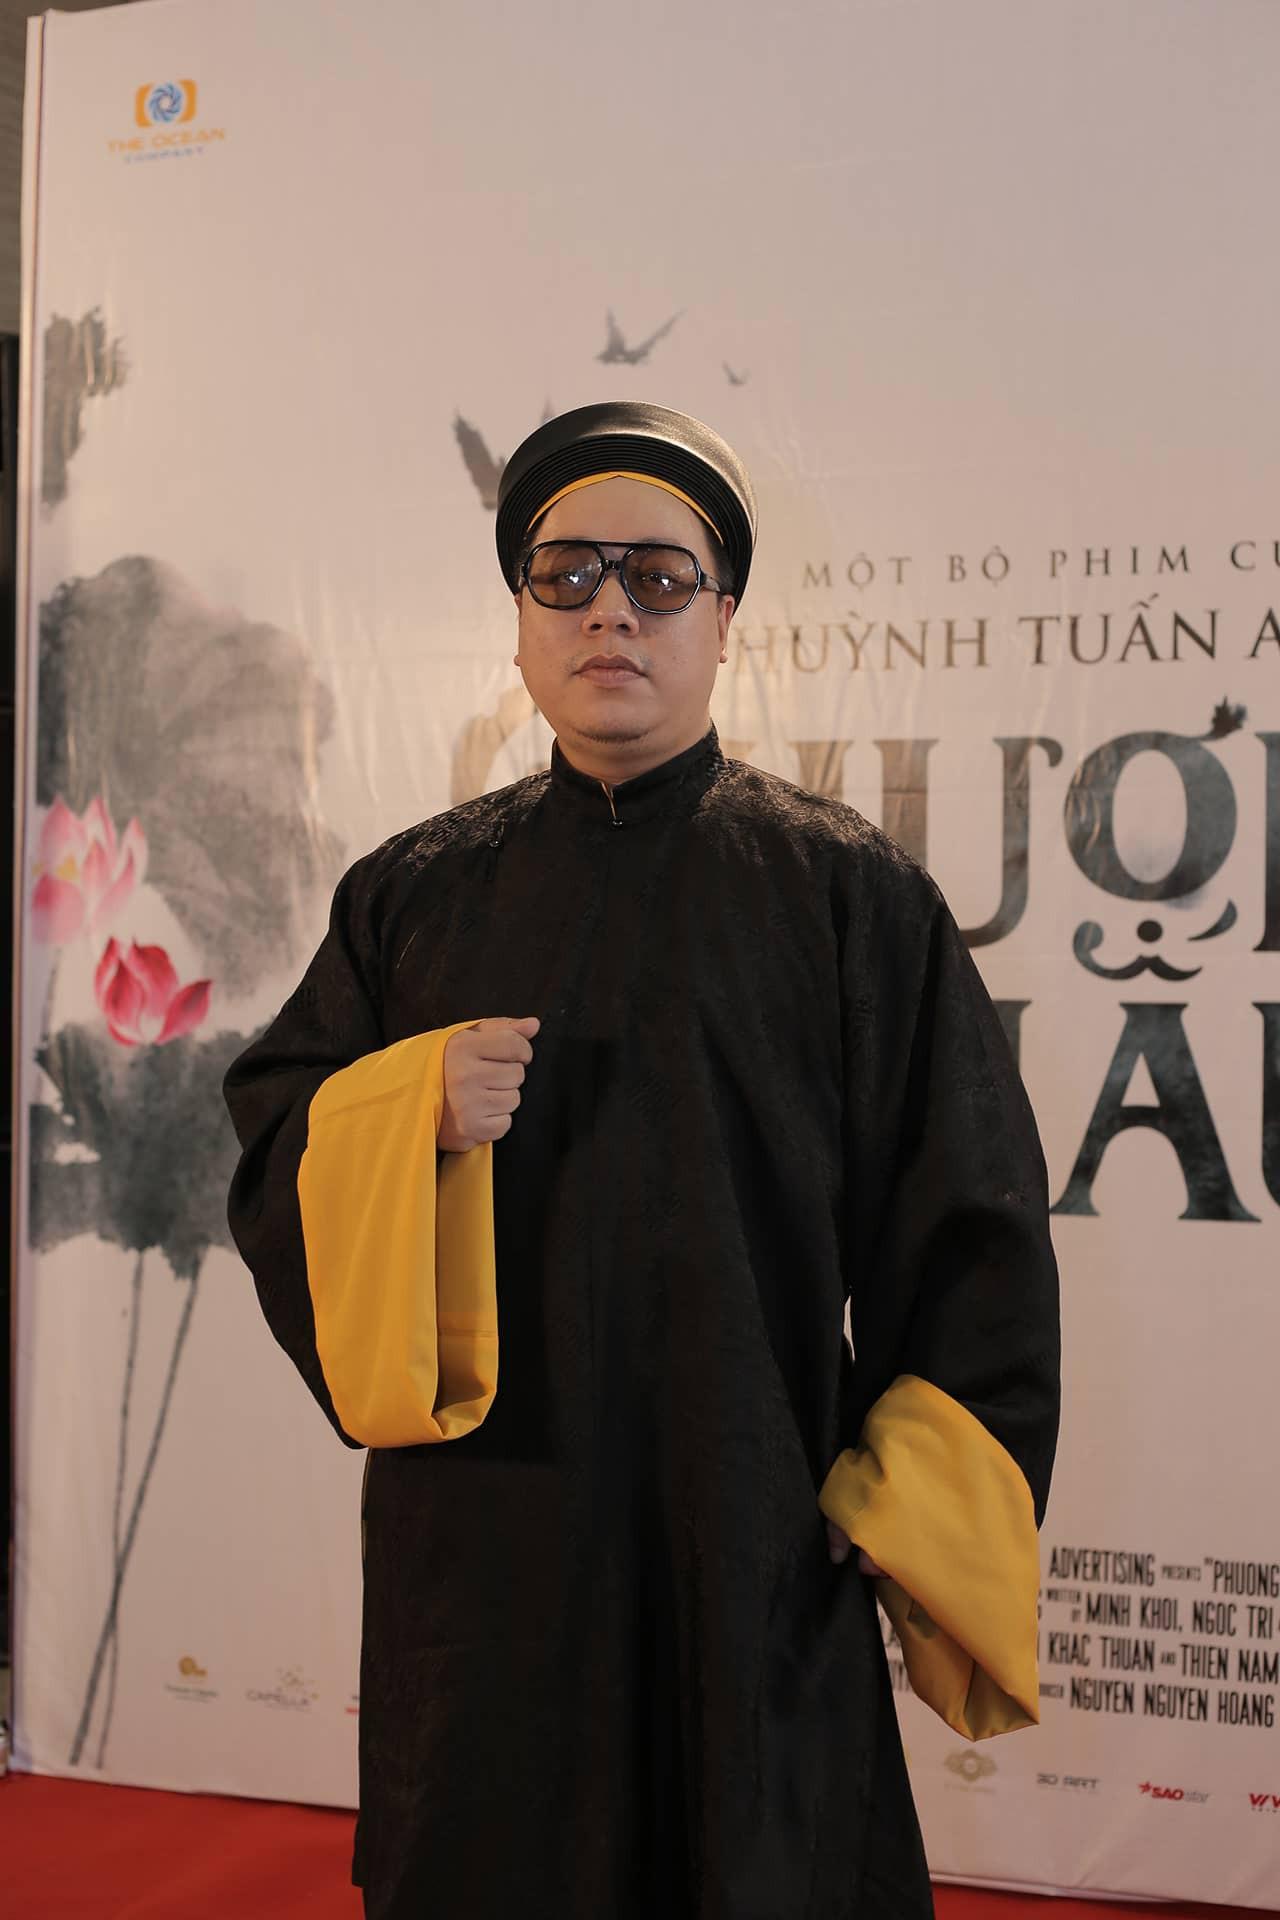 Thánh ăn hại Jun Phạm thần thái bất ngờ, sánh đôi hoàng hậu Diễm My 9x trên thảm đỏ phim cung đấu Việt Nam Phượng Khấu - Ảnh 5.